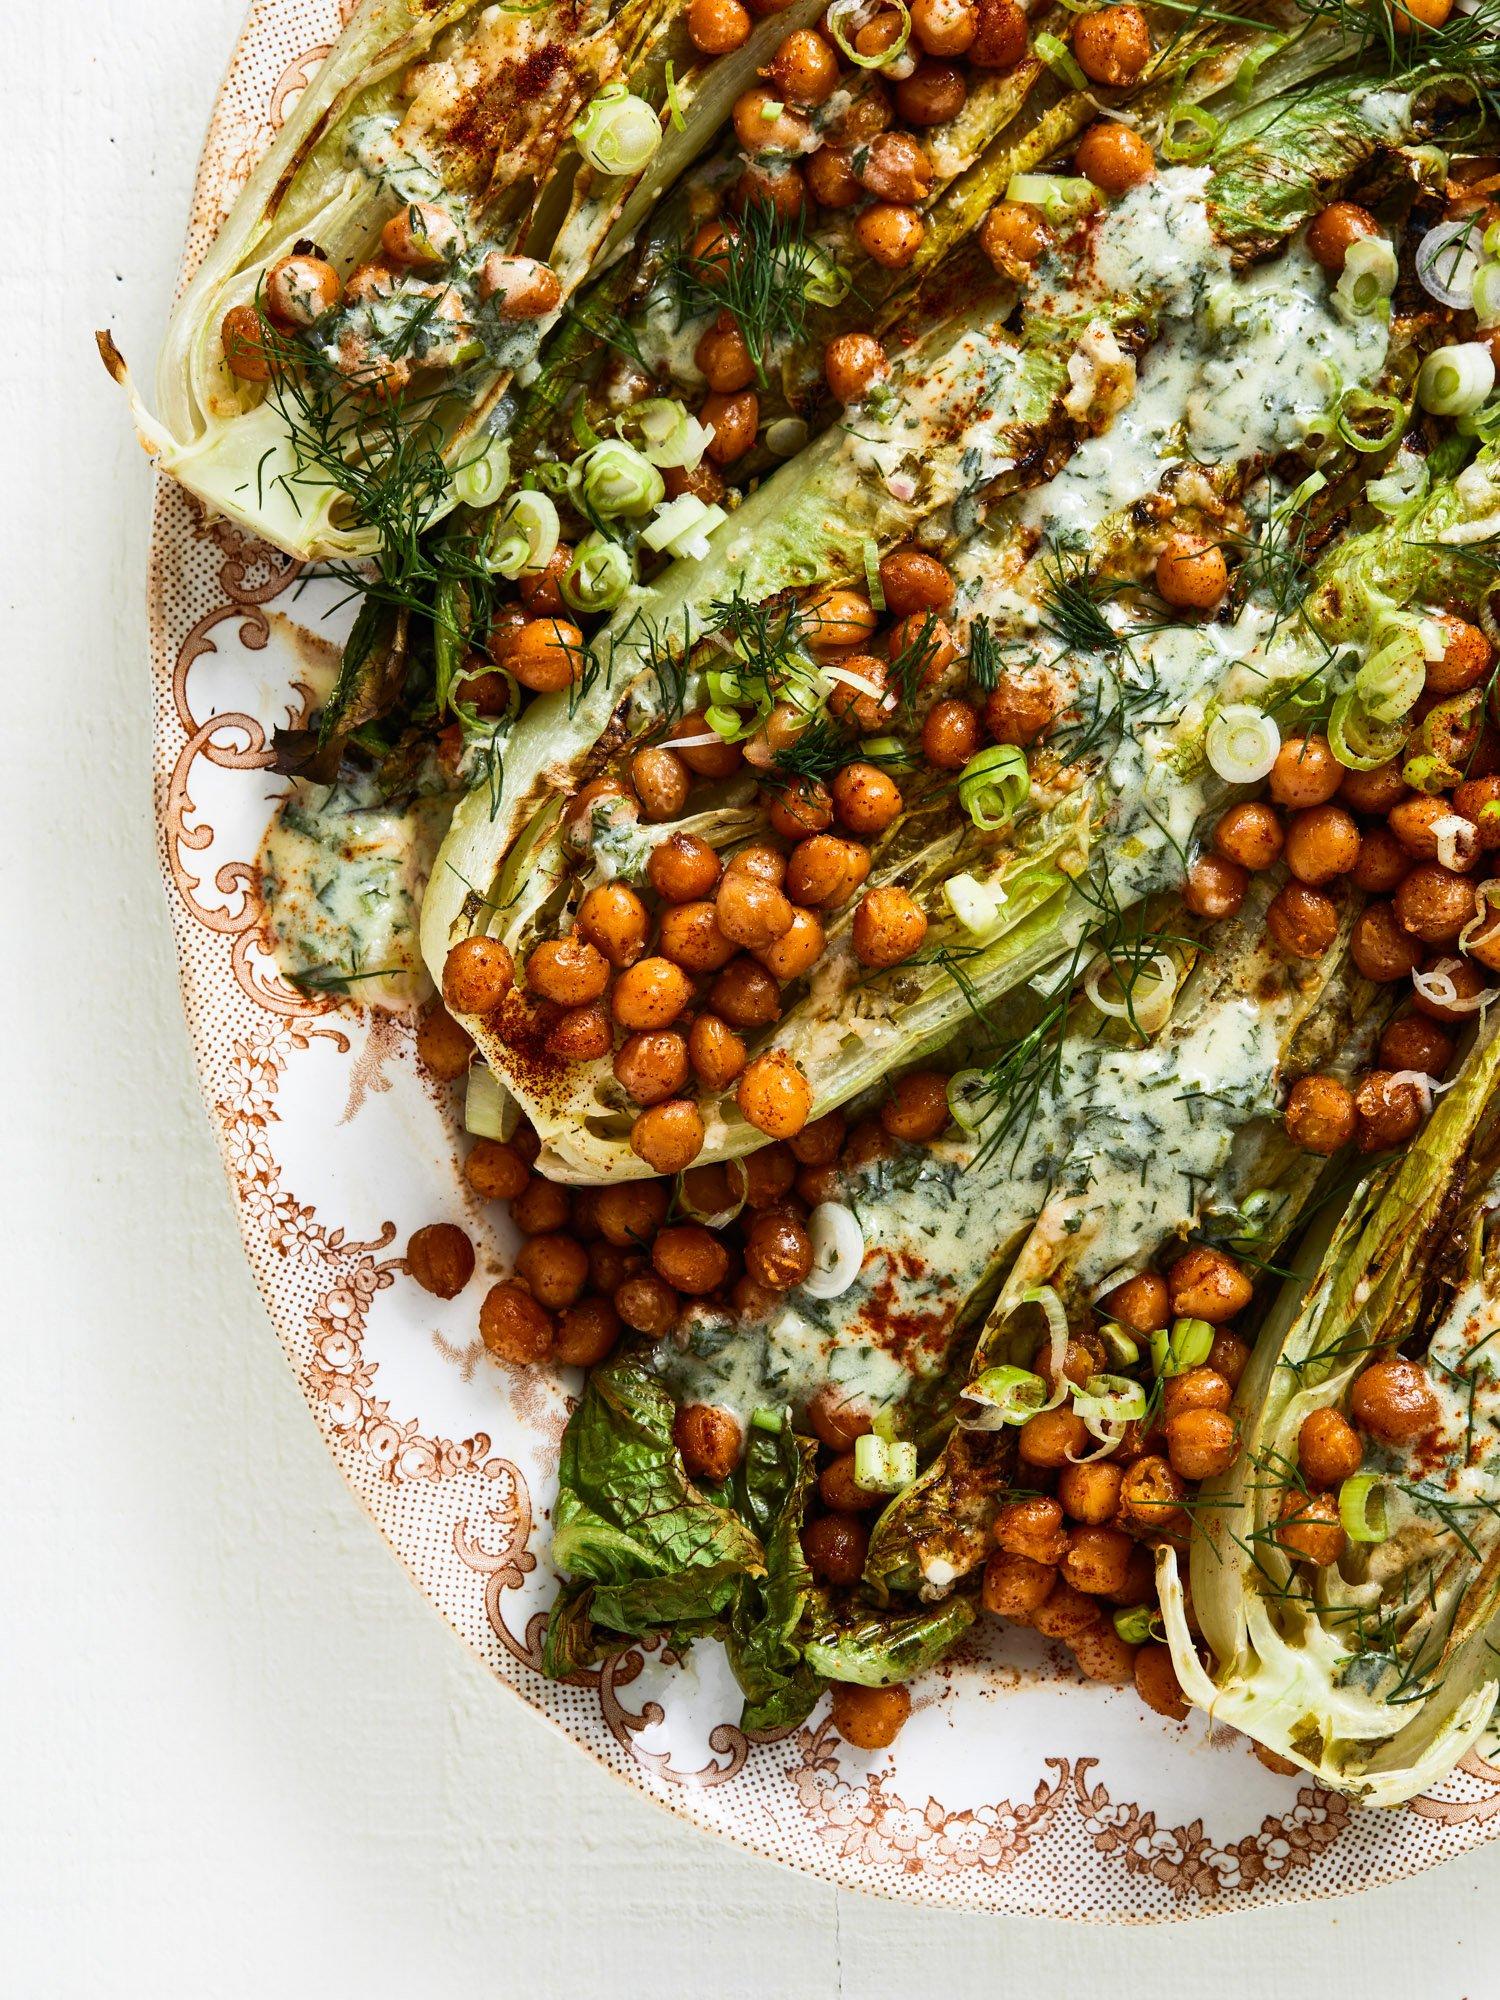 vegetarian Caesar salad from weekday vegetarians cookbook